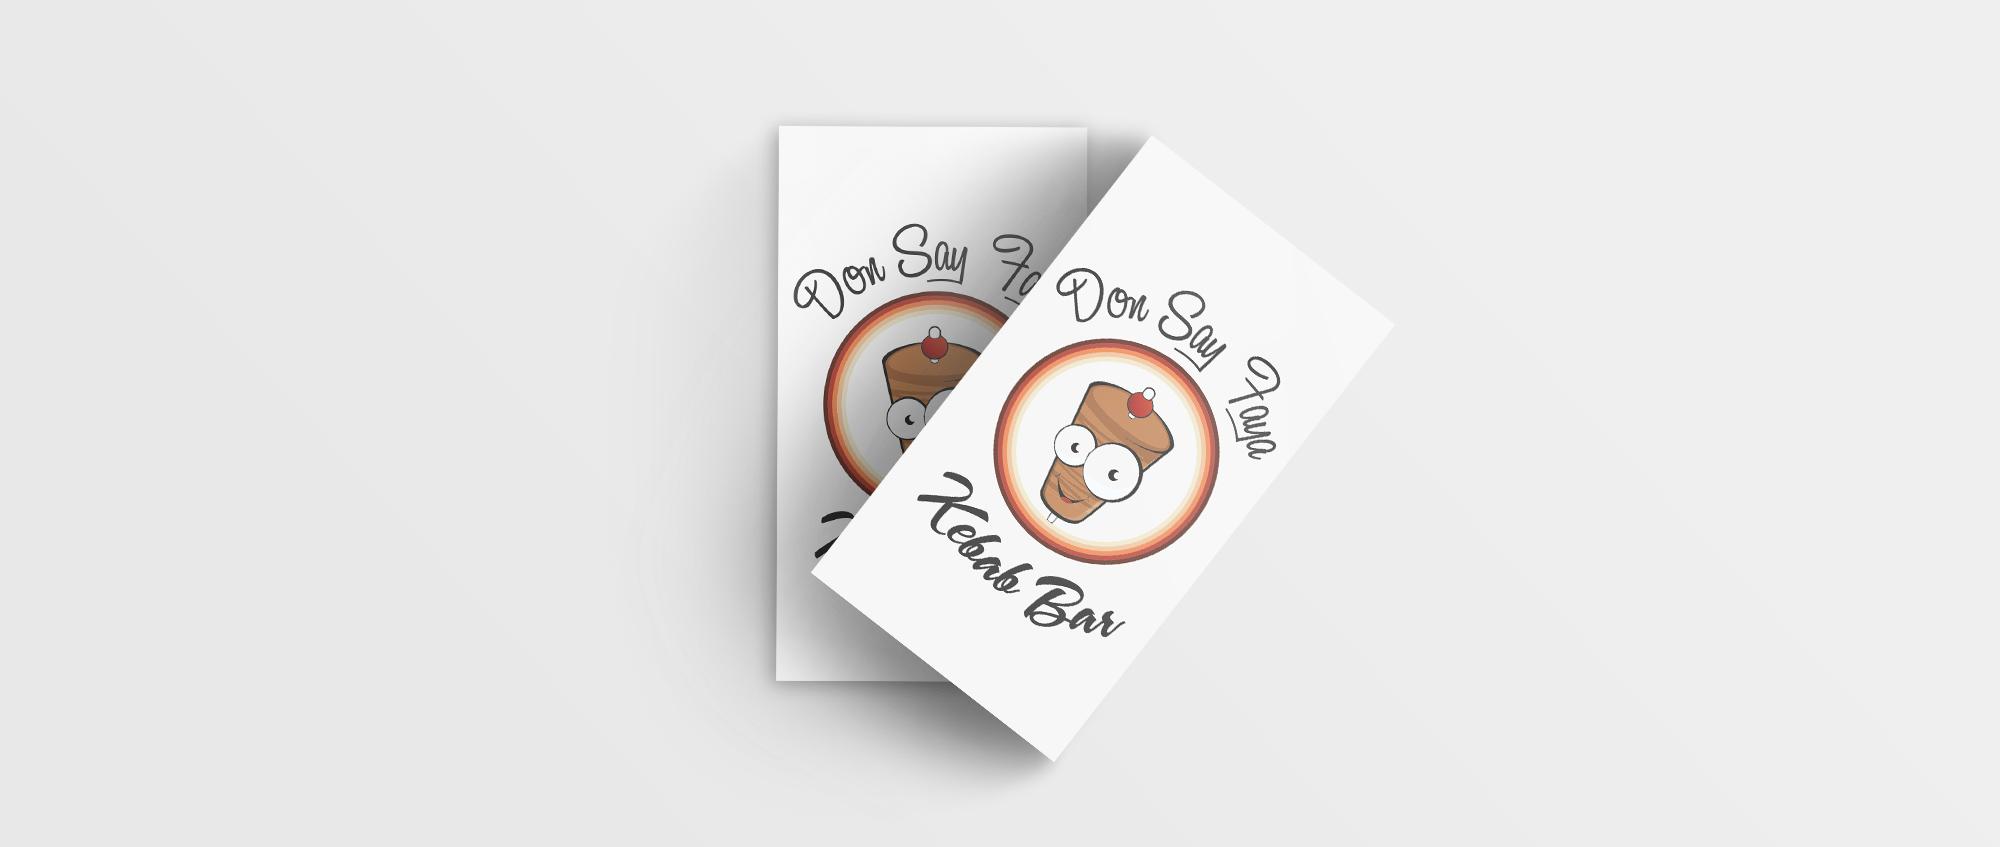 Business Card – Don Say Faya